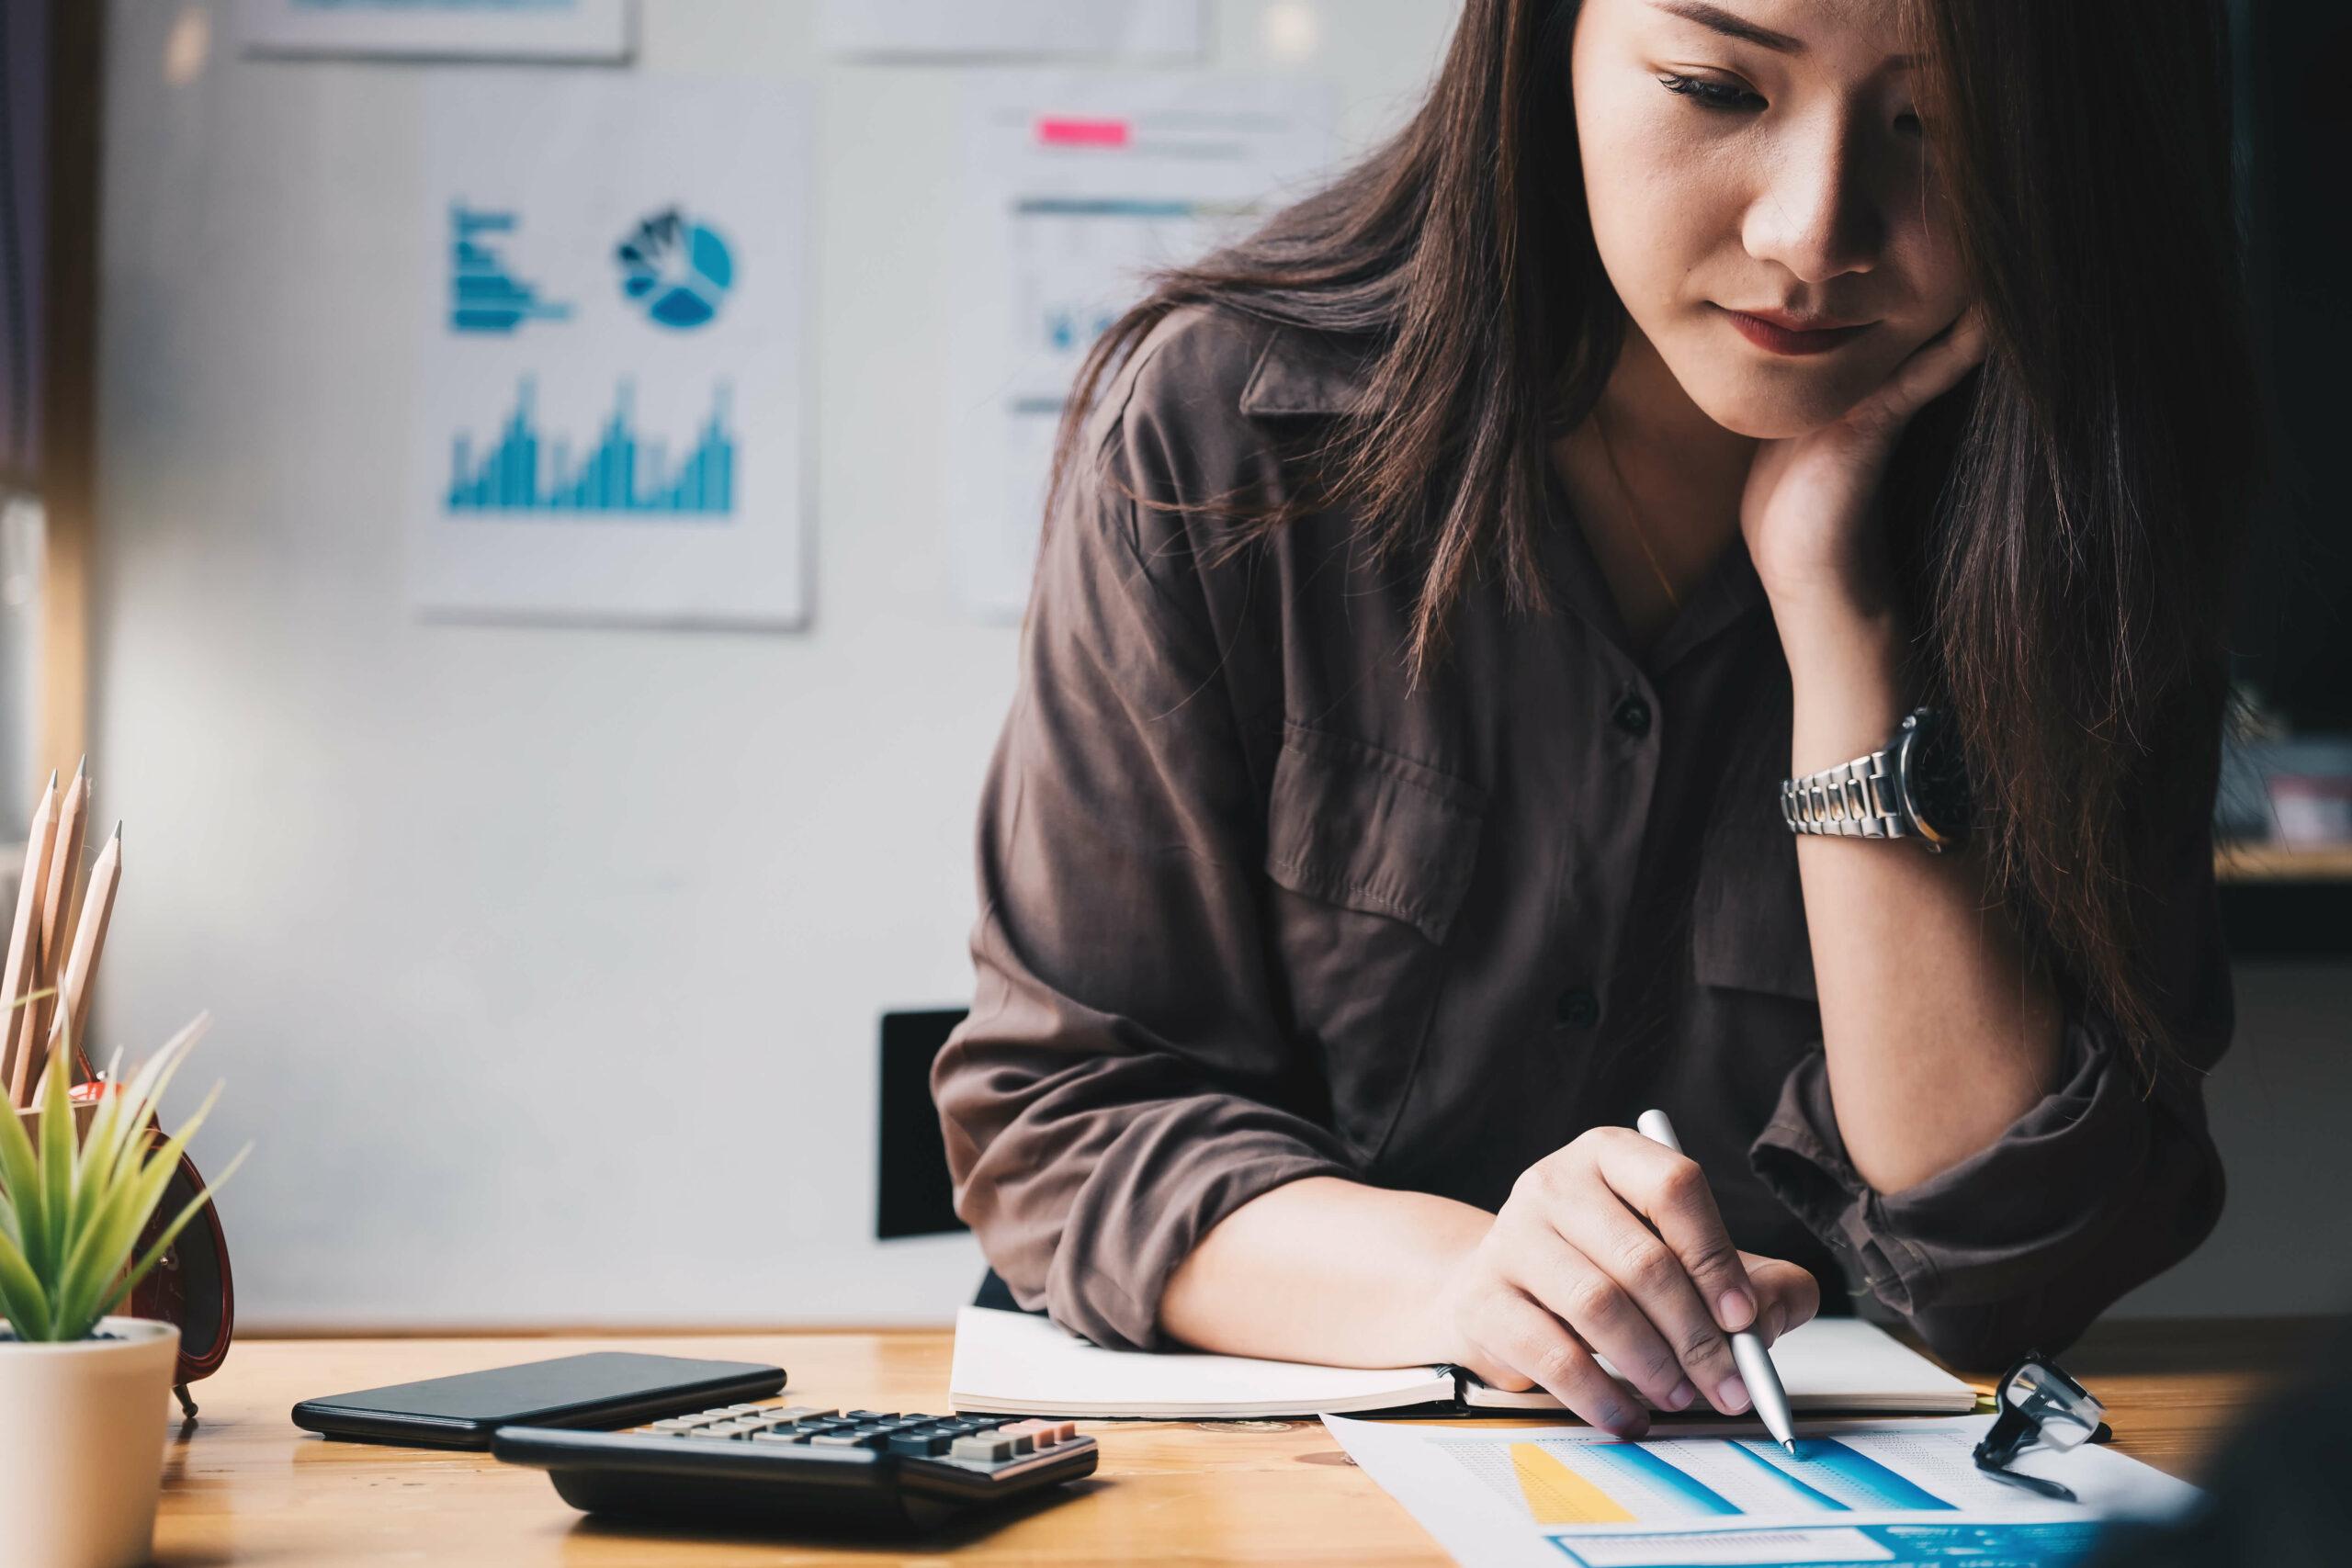 Finanzchef in digitalen Zeiten: Diese Kompetenzen brauchst du